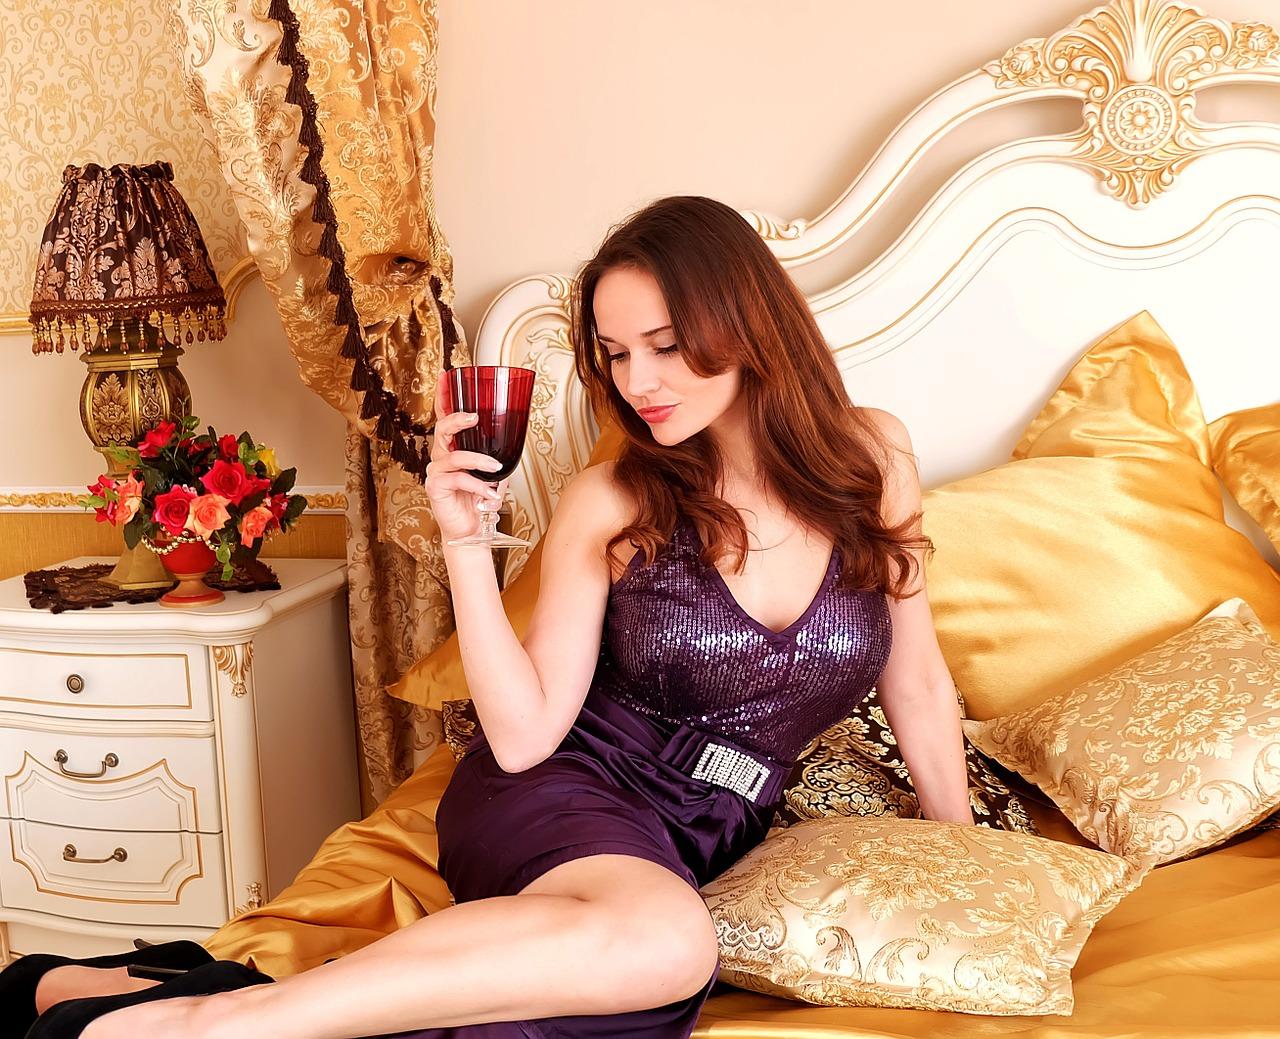 外国人配偶者や恋人との夜の営みで頑張るための必須アイテム10選【精力剤】【精力サプリ】